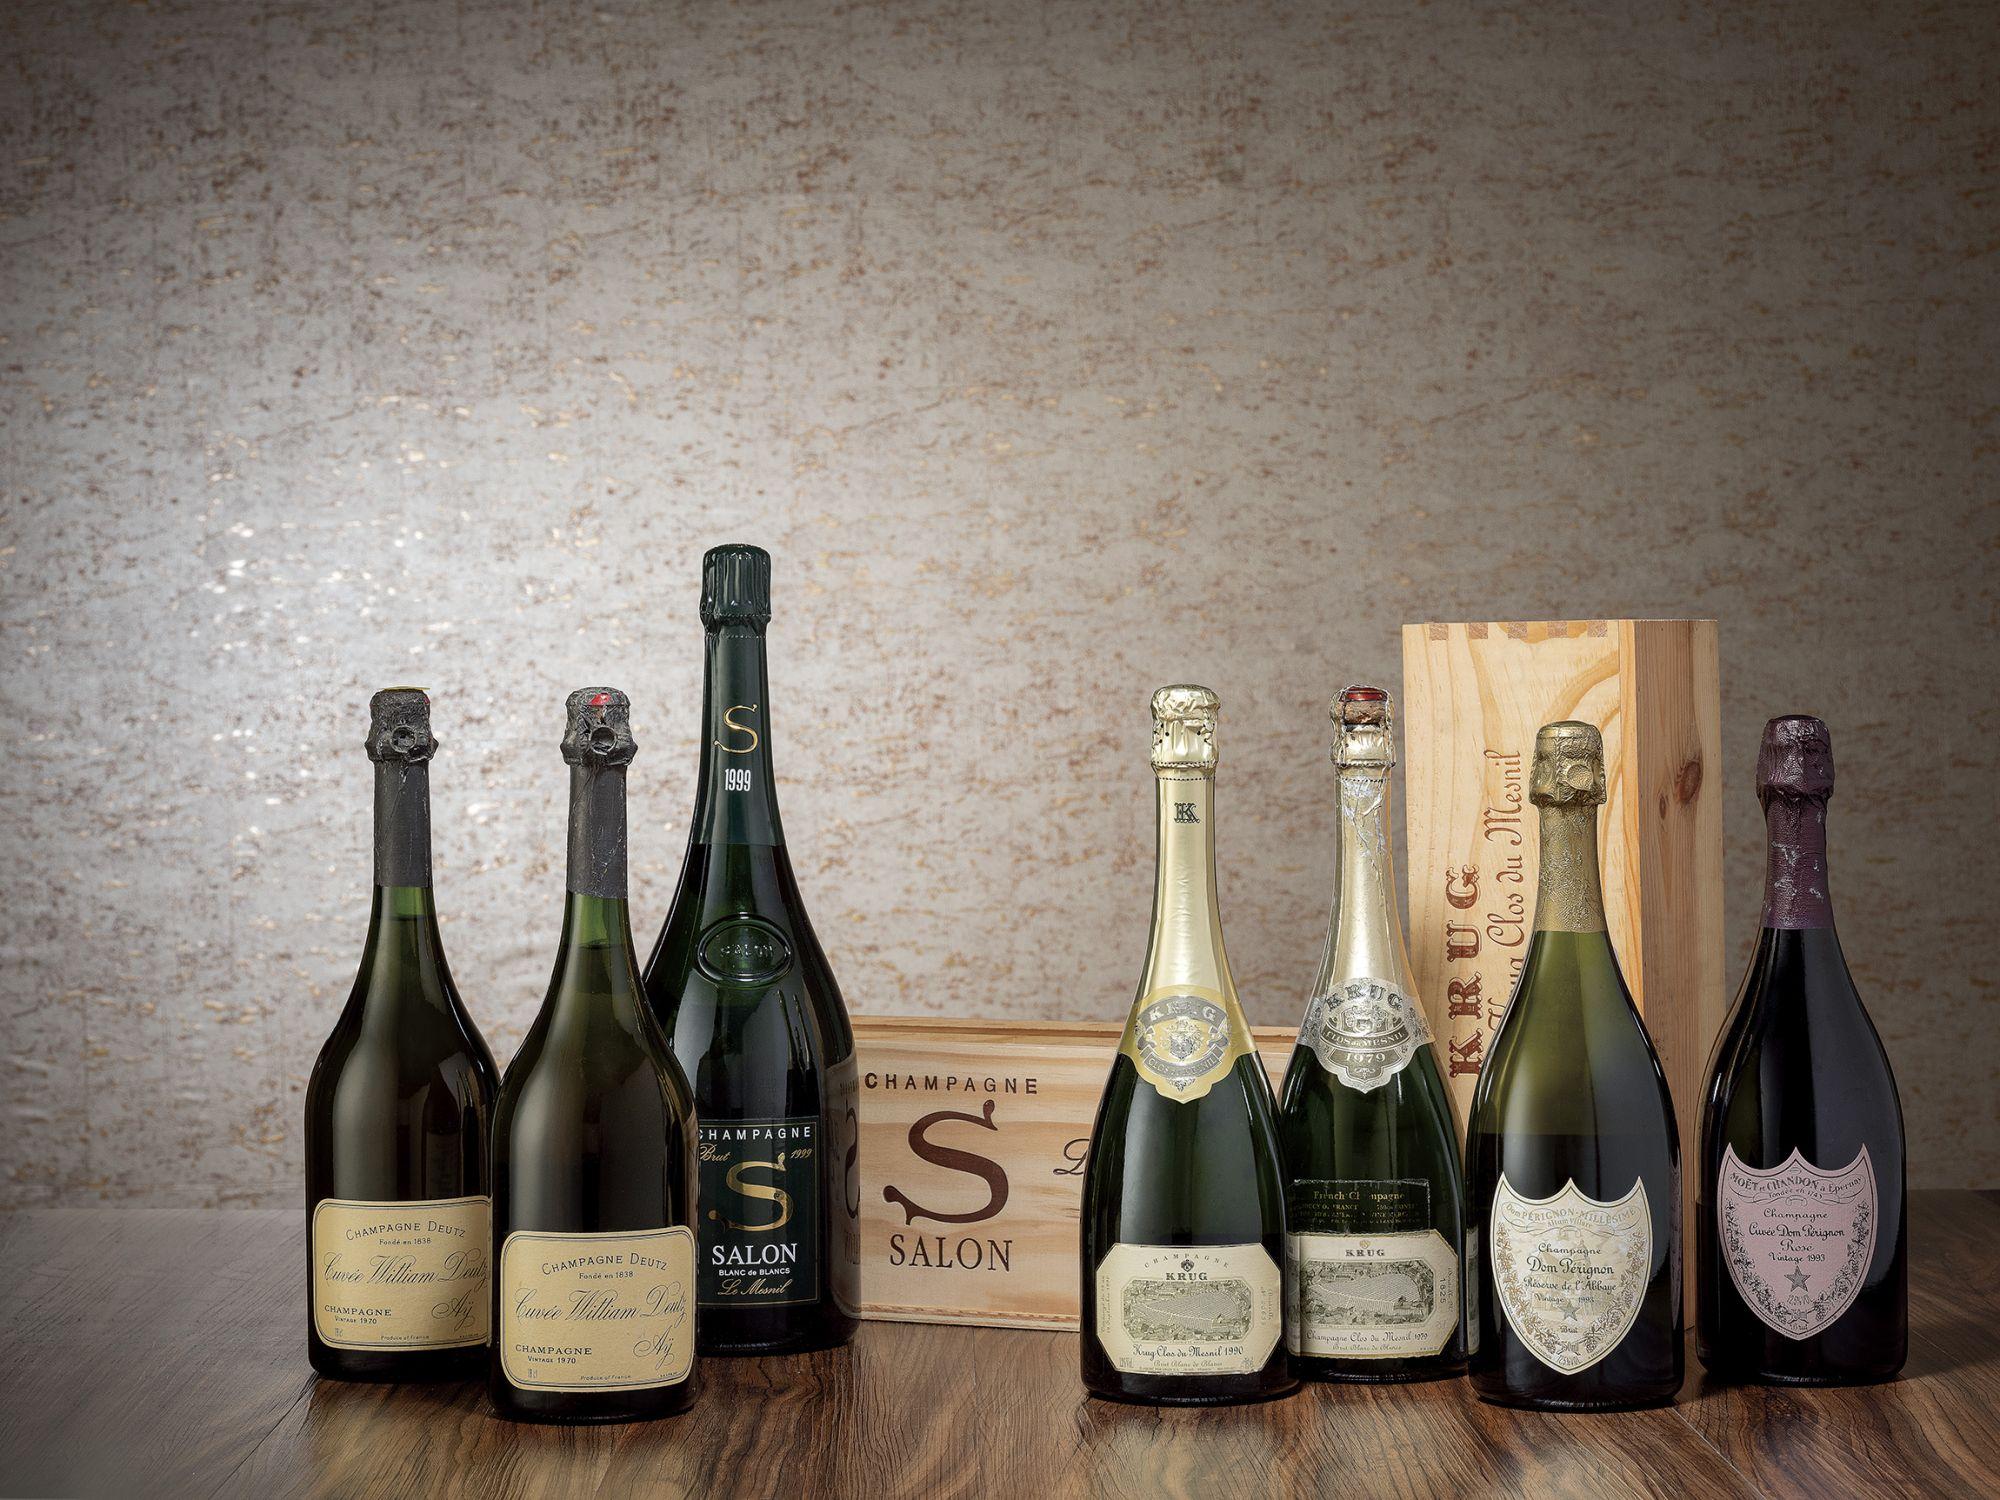 2019年春季拍賣尊釀雲集午11點以香檳揭開序幕,囊括眾香檳廠的經典代表作品,如Salon 1982、歷史名莊Moët & Chandon六七零年代老香檳、Dom Pérignon OEnothèque 1996、小農香檳之王Jacques Selosse Lieux-dits Le Mesnil sur Oger Les Carelles NV、皇室御用的Louis Roederer Cristal數個年份,以及由單一葡萄園所打造的Krug Clos du Mesnil 1979白中白香檳,豐富的香檳選擇為春季拍賣的一大亮點。